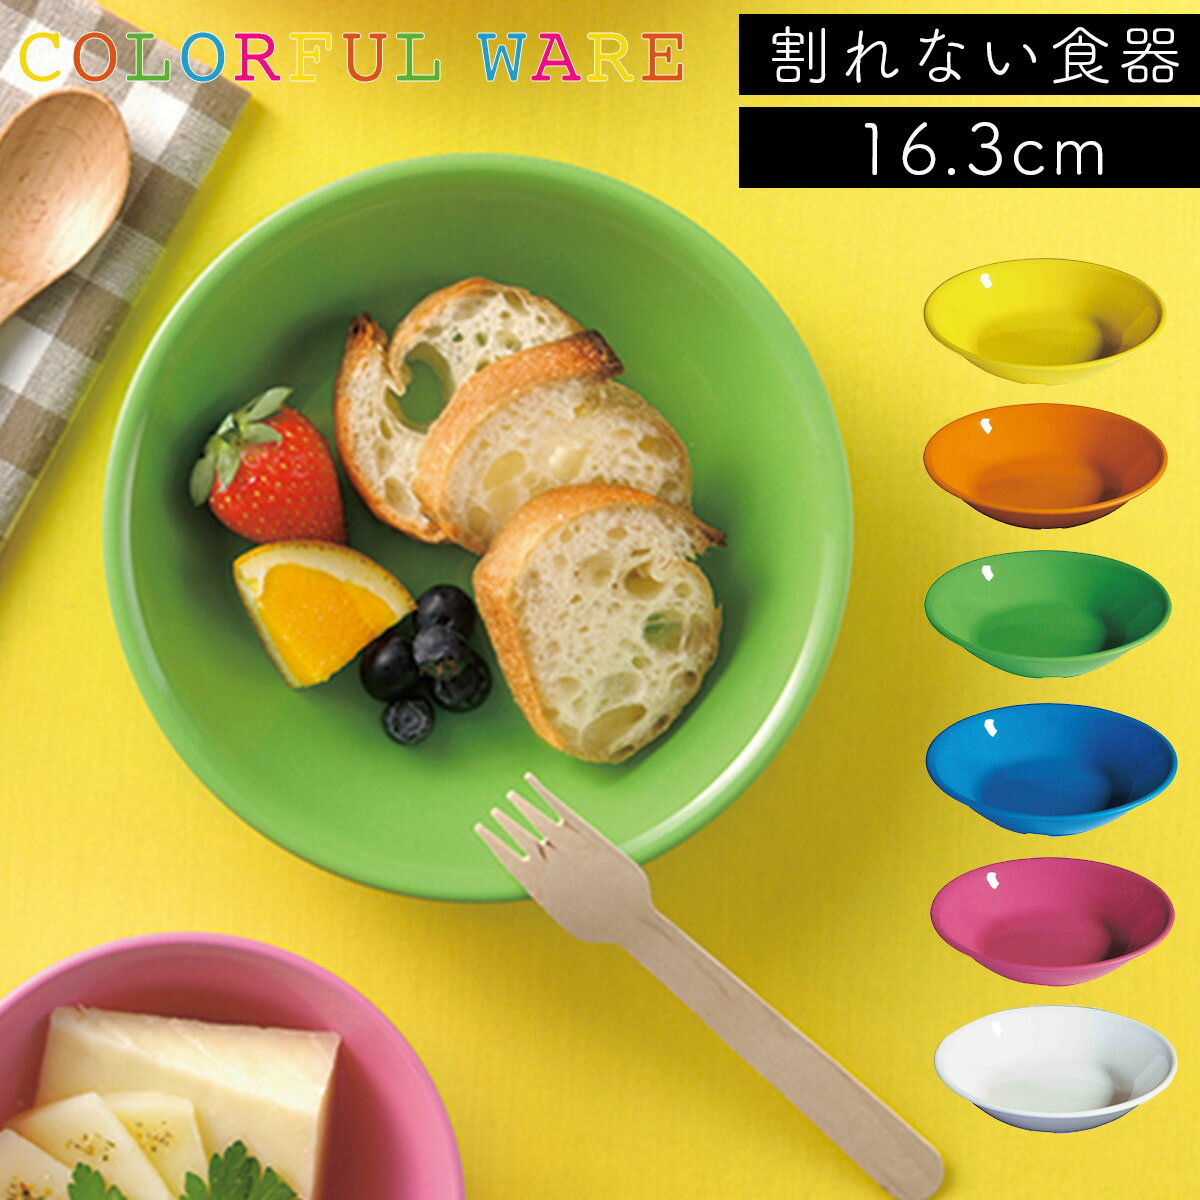 プレート 皿 割れない プラスチック パーティ 日本製 電子レンジ対応 食洗機対応 食洗器対応 PP カラフルウェア PP3032 プレート アウトドア キャンプ ピクニック おしゃれ 人気